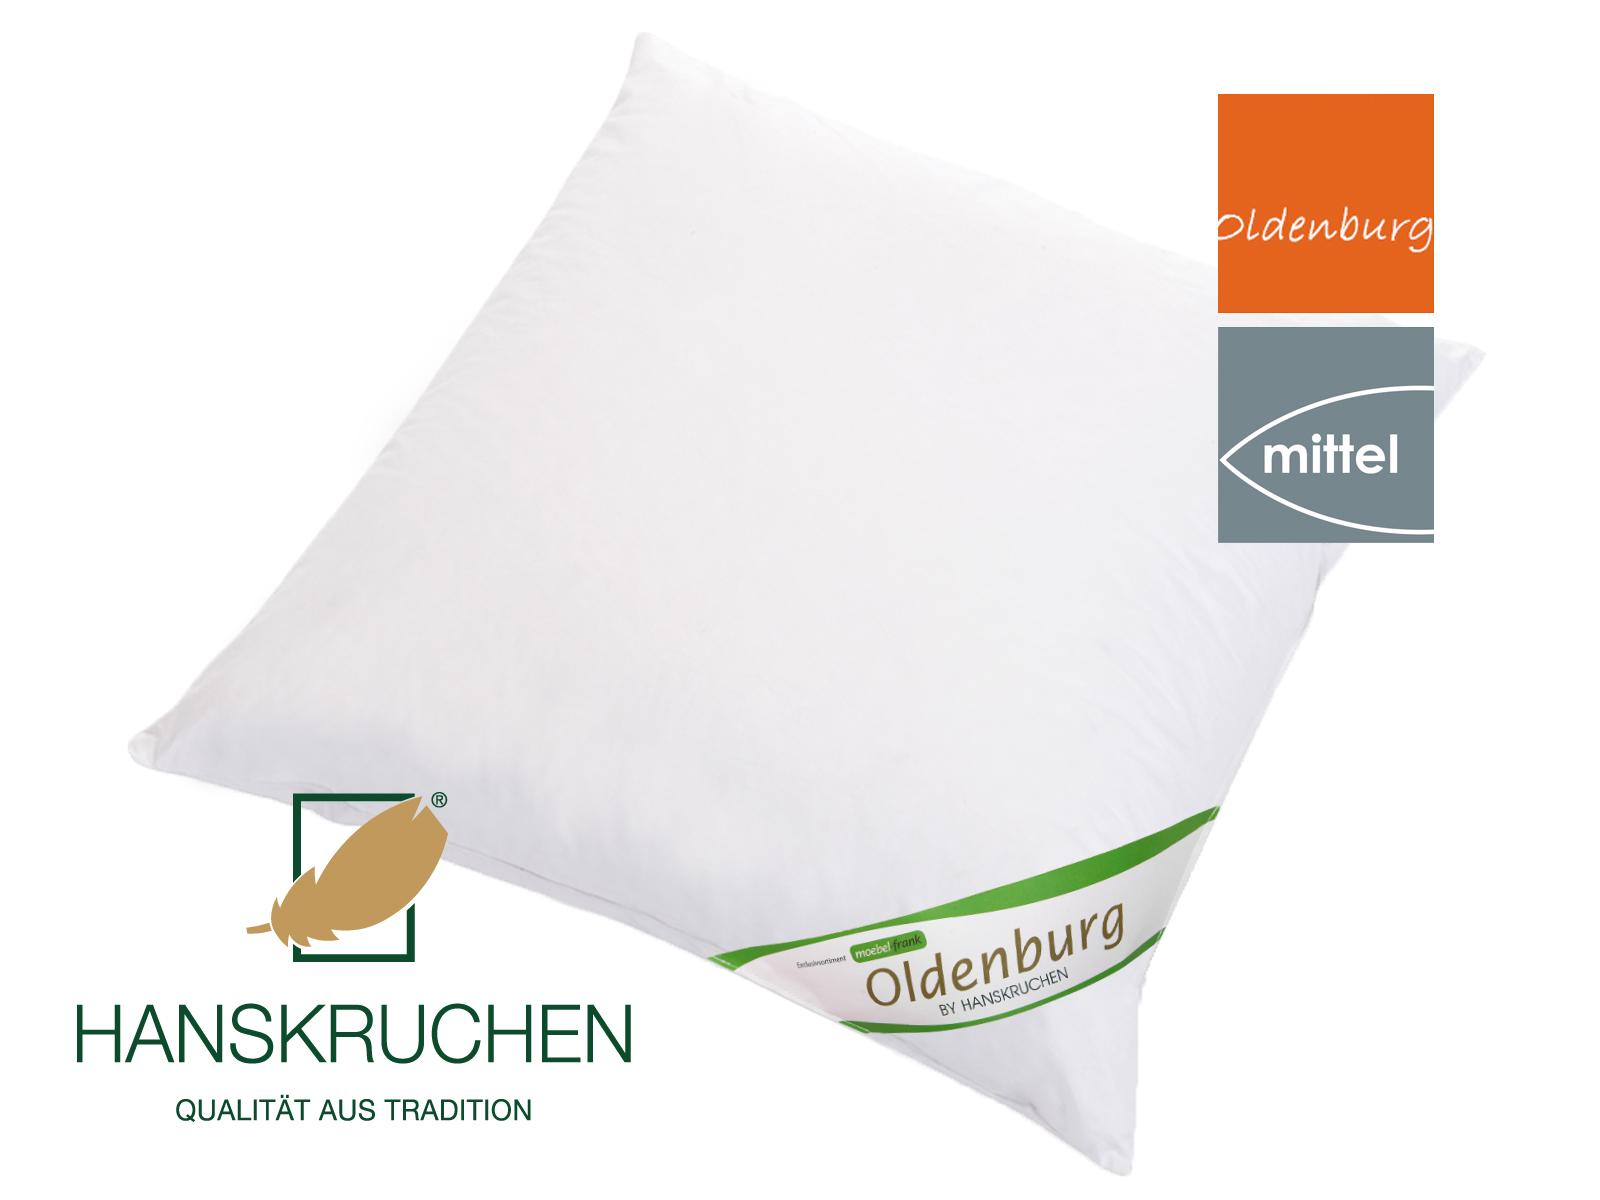 Kopfkissen neue weiße Landdaune und -federn Baumwolle Oldenburg 80x80cm und 40x80cm Hanskruchen – Bild 5